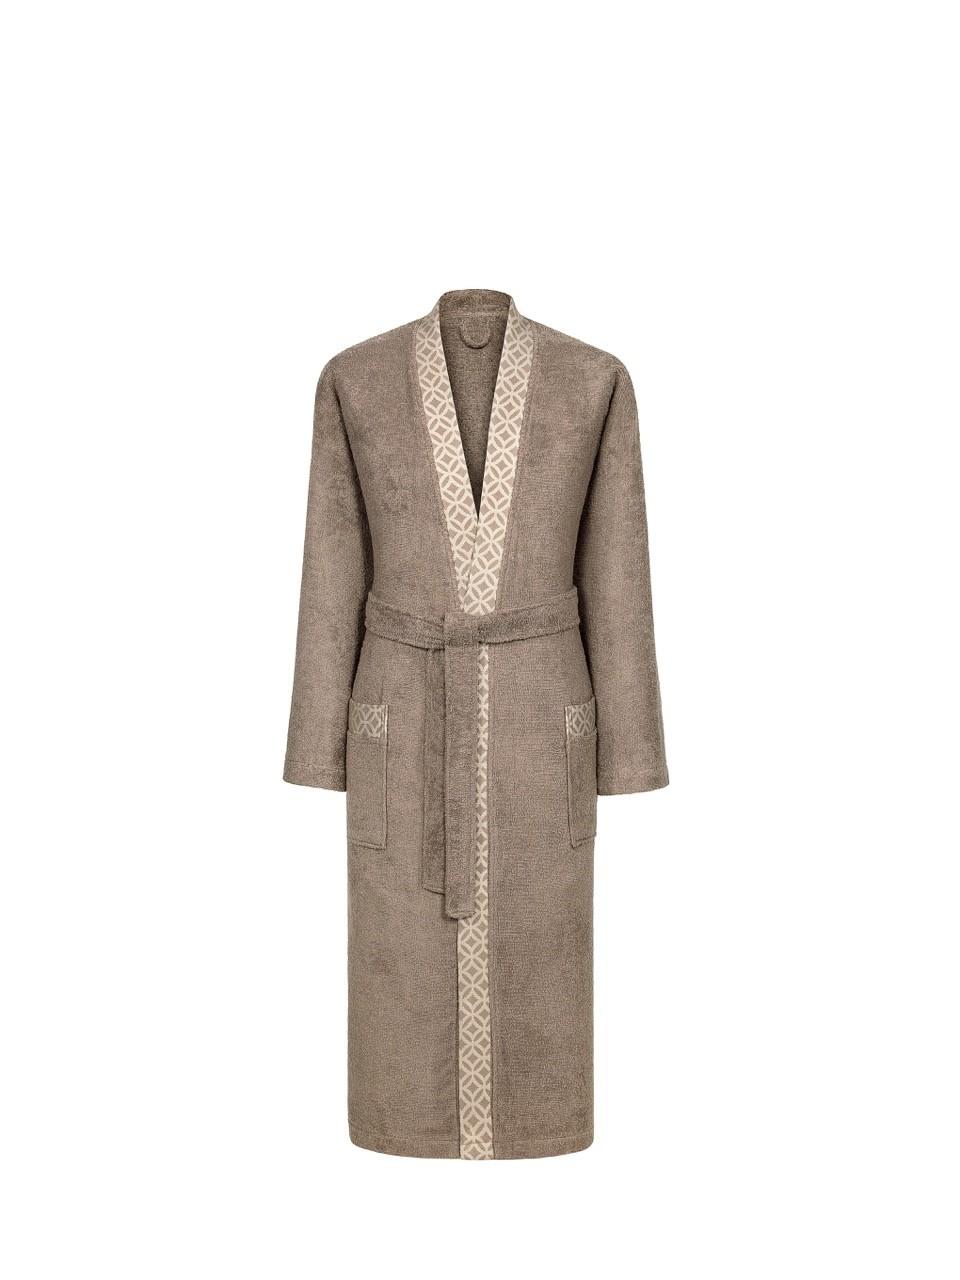 Сауны, бани и оборудование CLASSIC by T Халат Милан Цвет: Коричневый (xxL) купить шелковый халат мужской спб